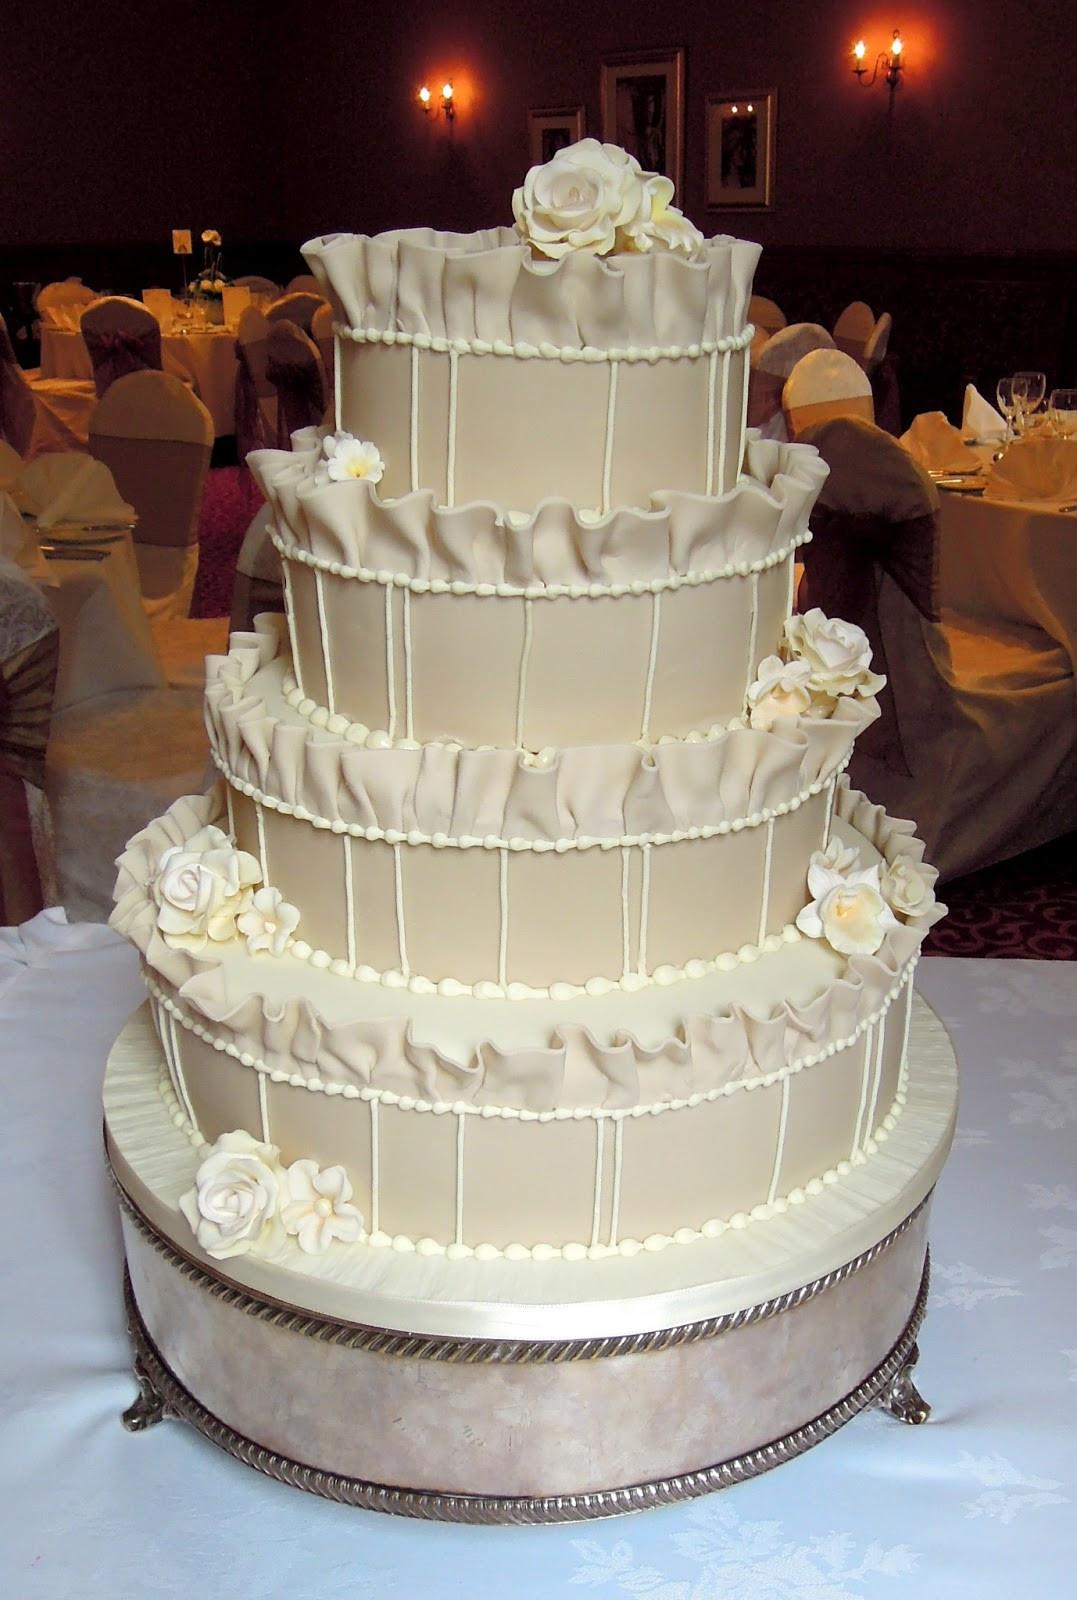 Who Makes Wedding Cakes  Cake [grrls] cakery